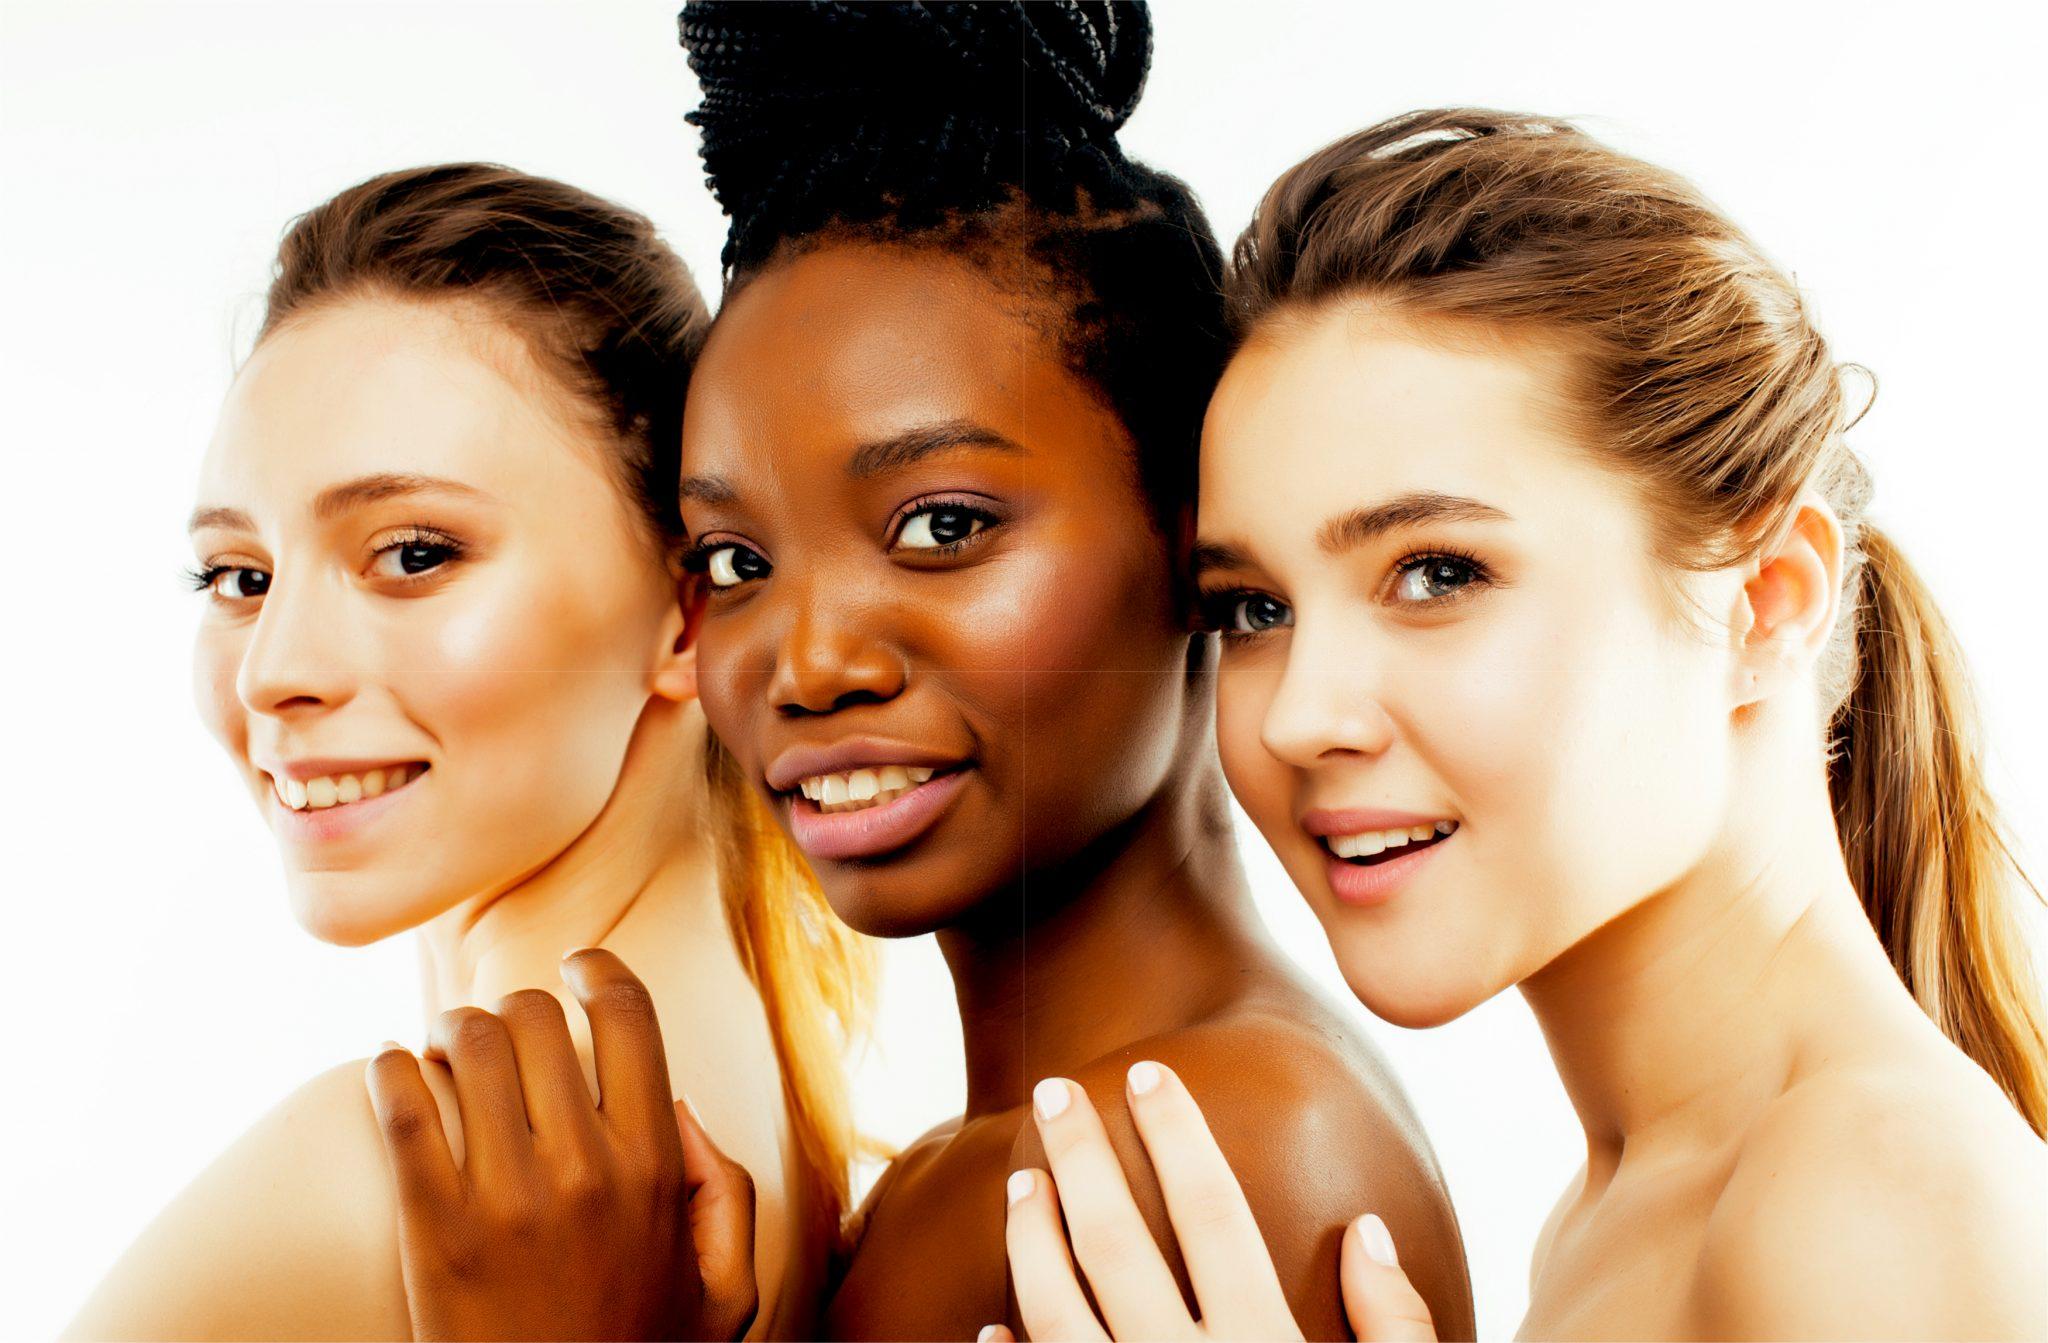 肌の綺麗な女性モデル3人